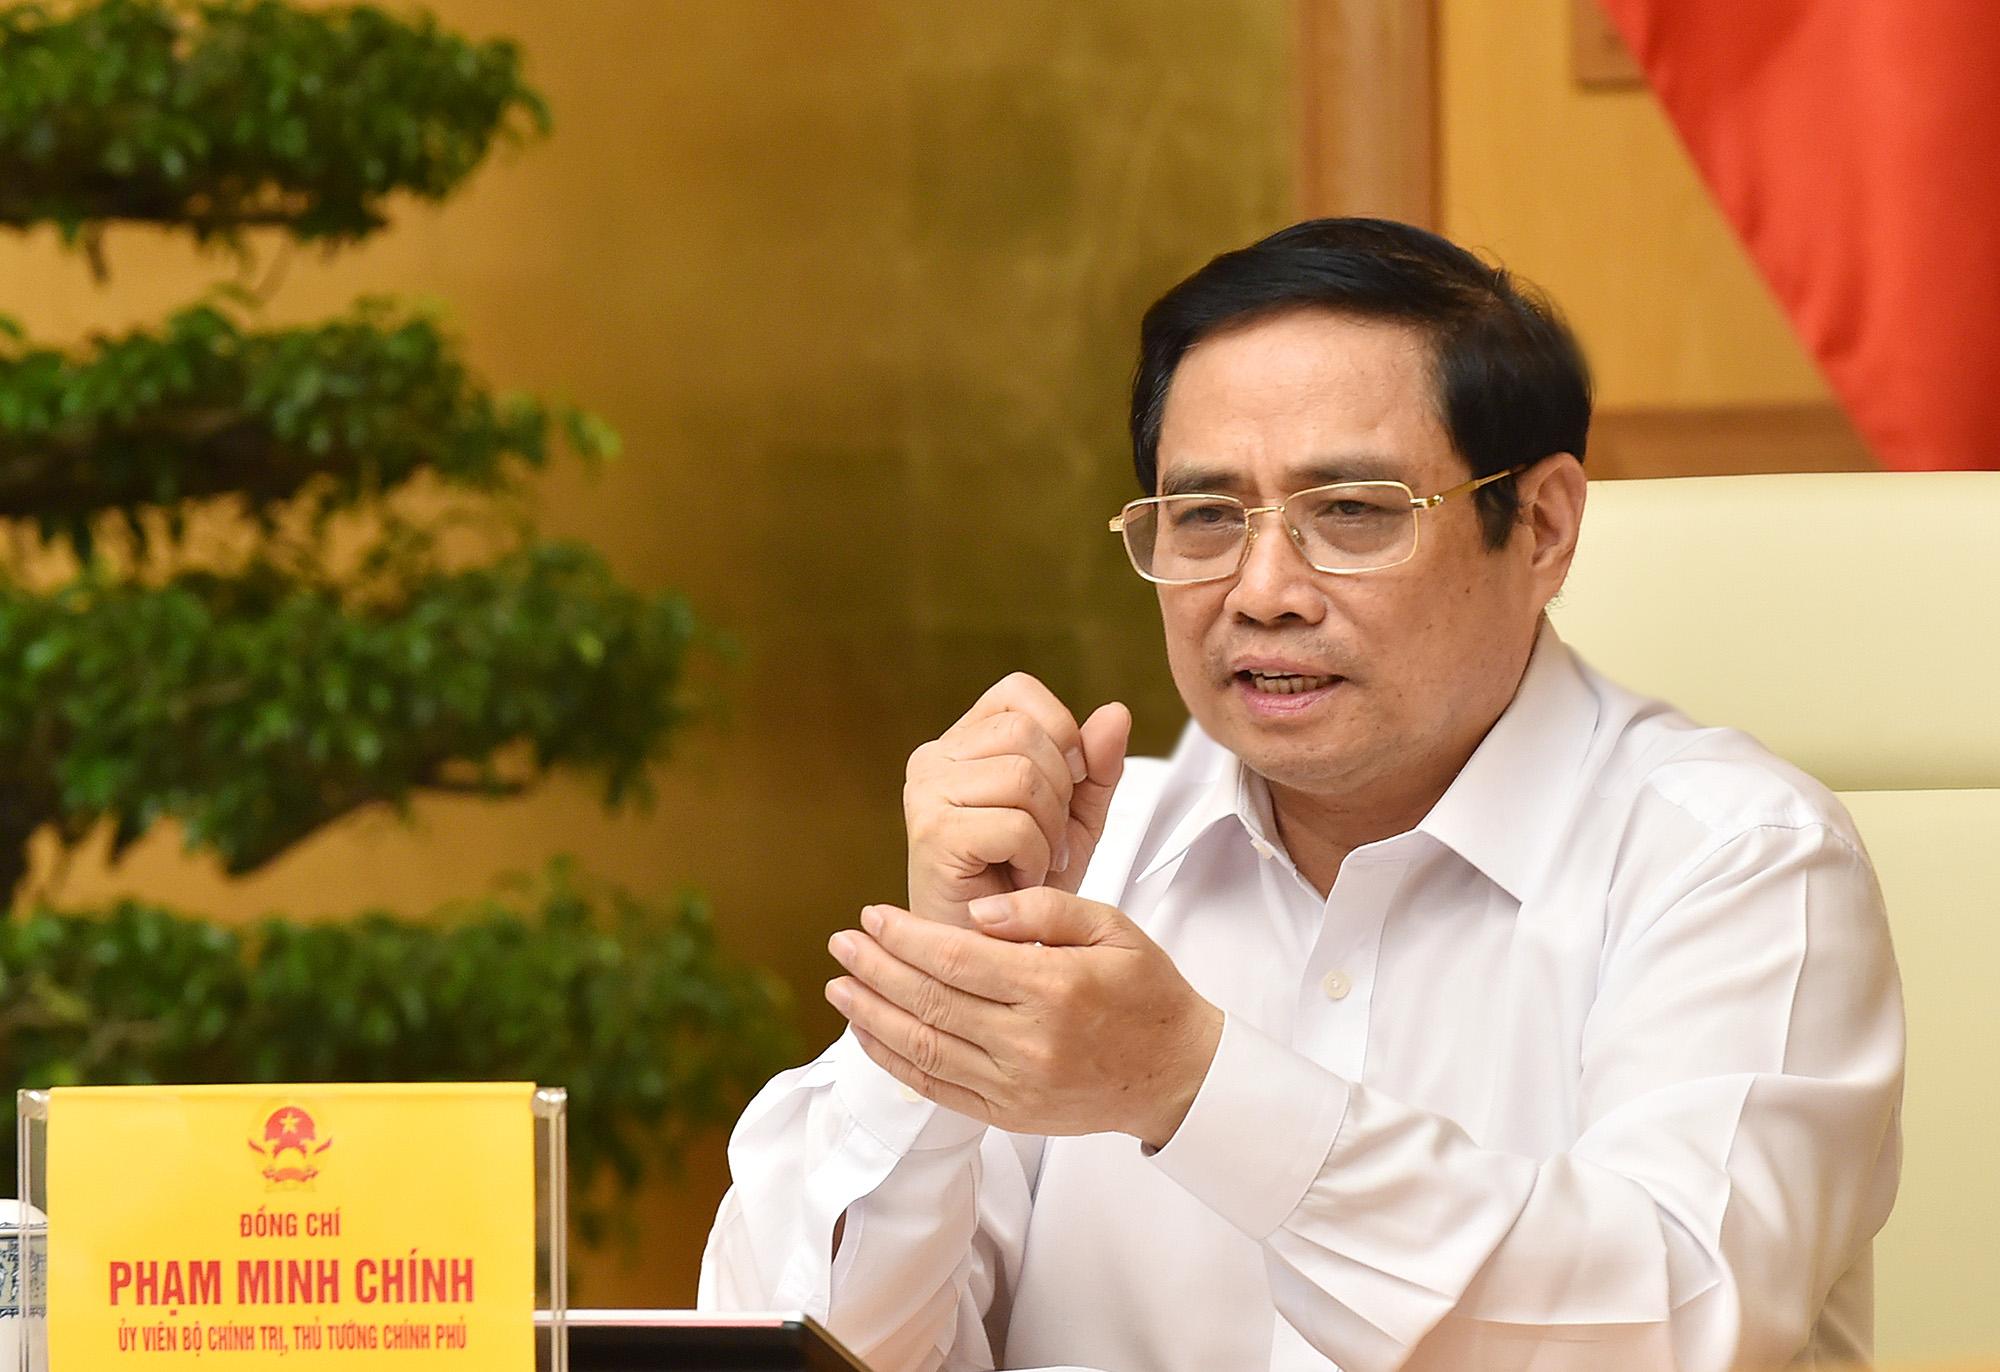 Thủ tướng Phạm Minh Chính chủ trì họp Thường trực Chính phủ với TP HCM, Bình Dương, Đồng Nai, Long An về phòng chống Covid-19, tối 19/8. Ảnh: Nhật Bắc